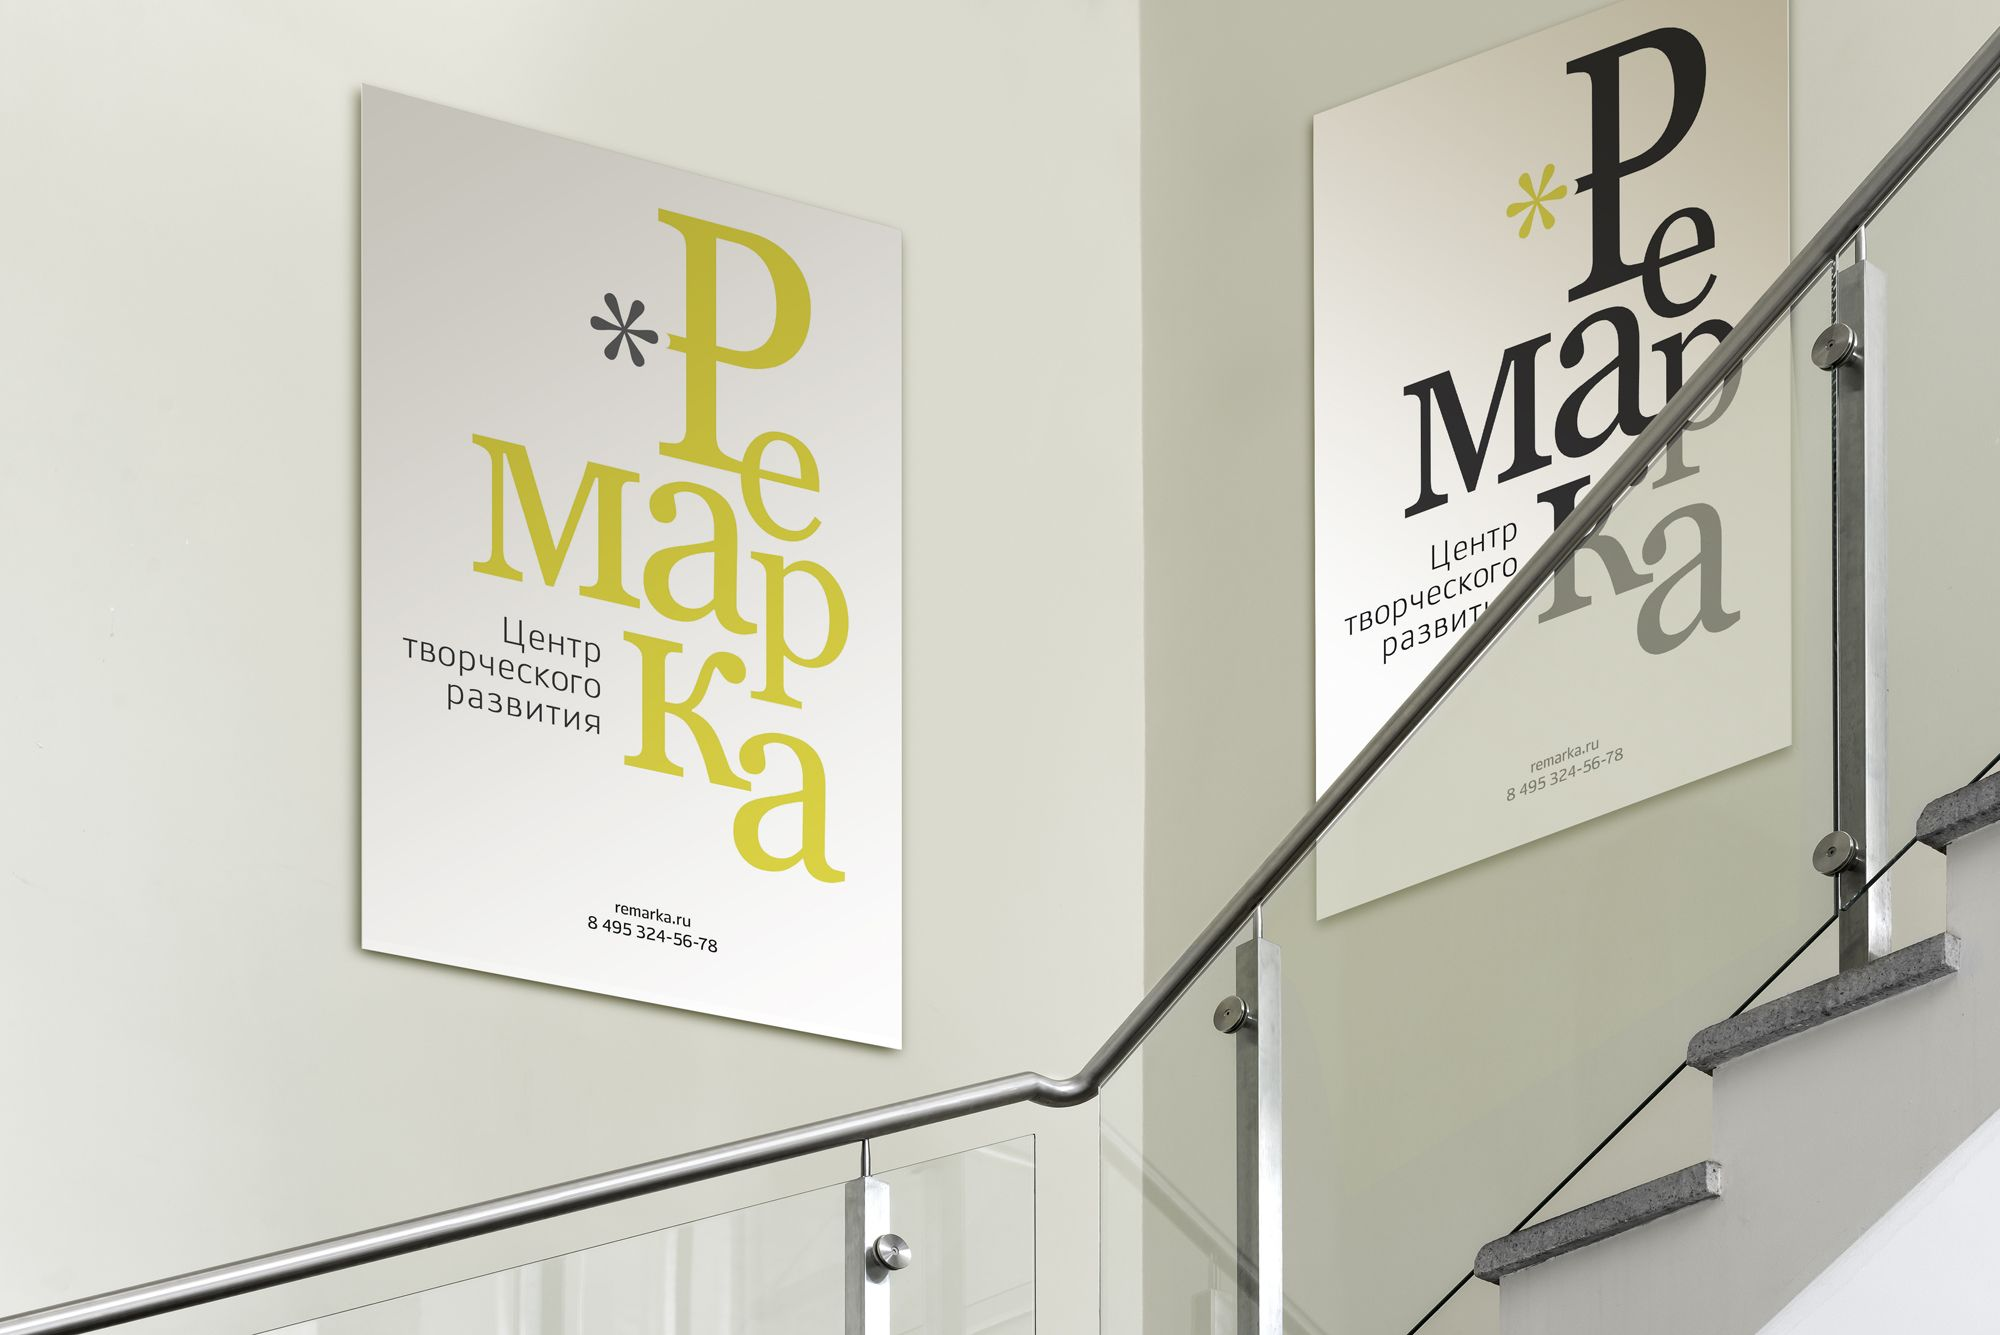 Фирменный стиль для центра развития Ремарка - дизайнер darikova